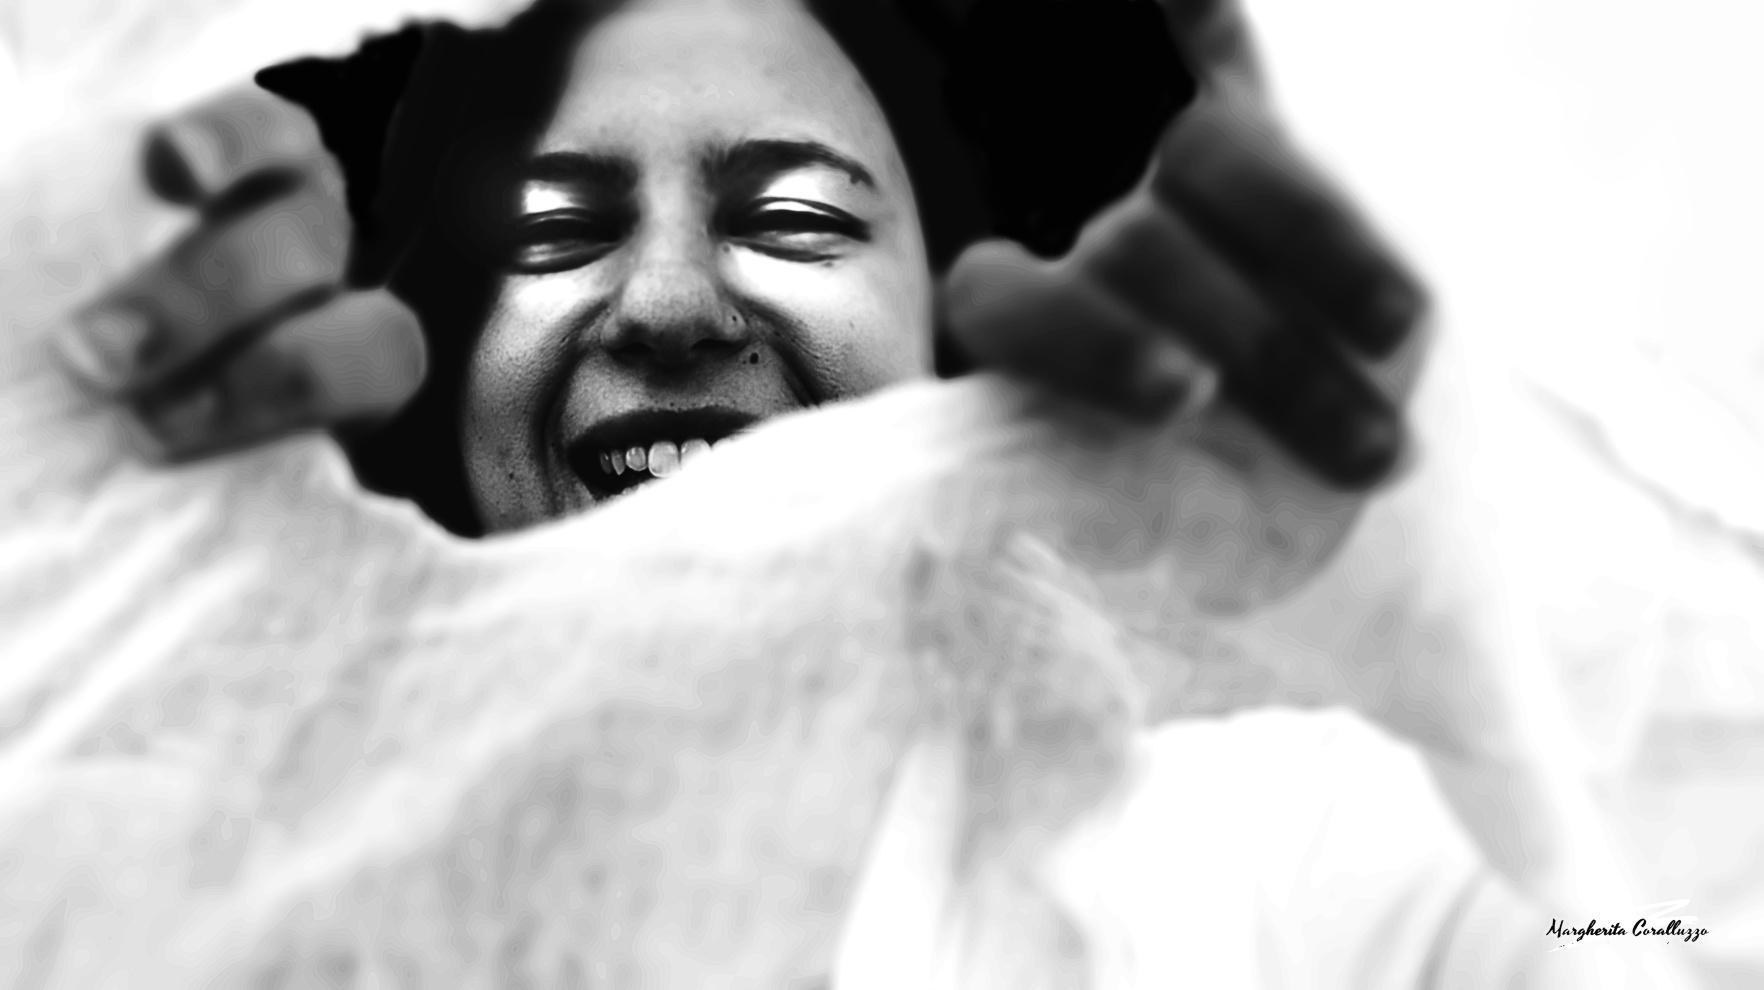 """""""Vinco l'inettitudine con la capacità"""" - L'insicurezza, il disagio, l'inadeguatezza sono state la causa che hanno determinato un freno alla crescita spirituale durato diversi anni, nella vita di Rossella. Timore di accudire la nonna, timore di ferirla, avere nei suoi confronti qualche mancanza, disattenzione, o forse, temere in una responsabilità che considerava più grande rispetto alle poche esperienze vissute nella propria vita e che le avrebbero potuto dare la possibilità di far esprimere quelle capacità ancora a lei sconosciute. Ad un certo punto della sua vita però, quel volto velato d'inettitudine, è stato sconfitto dalla caparbietà, decidendo di evitare l'arrivo di un'occasione propizia per farsi le ossa e di credere invece con determinazione, in se stessa. Strappando quella rete che la separava dal vivere con gioia e appieno la propria vita."""